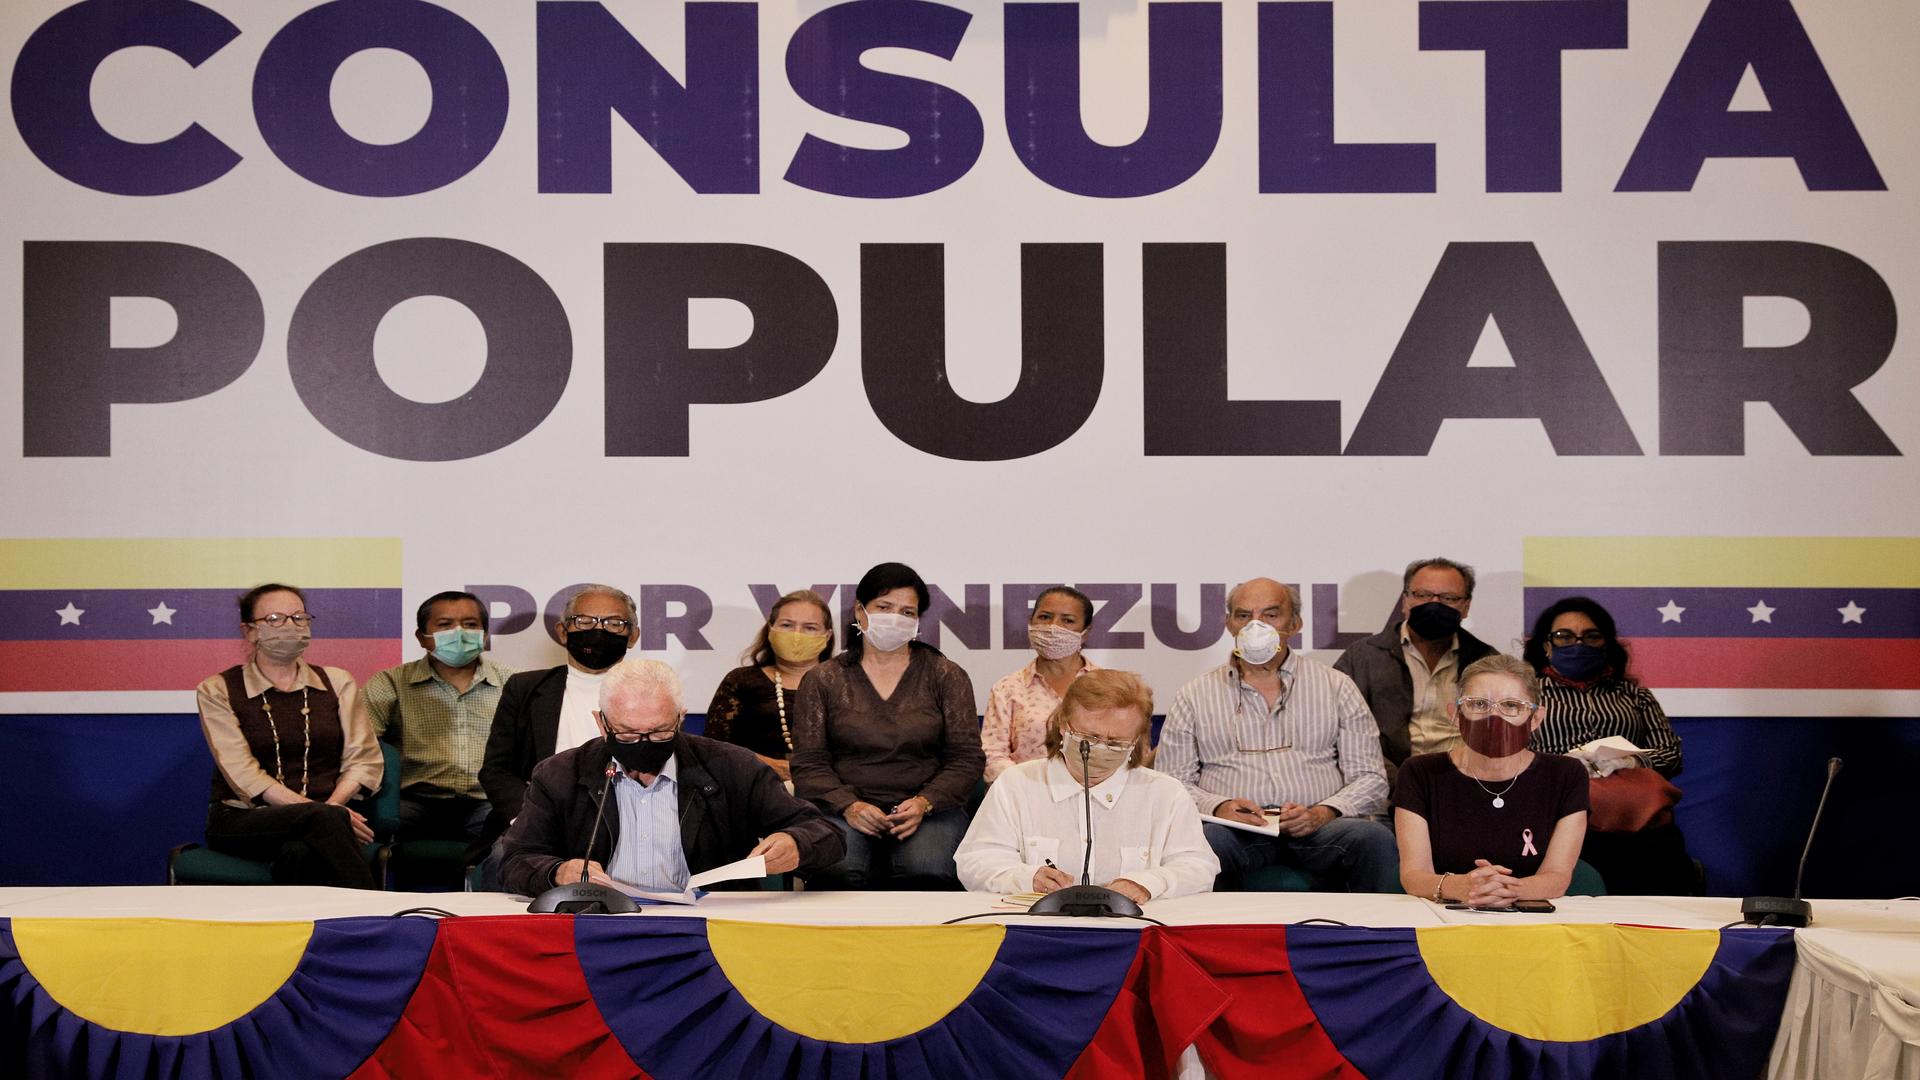 Enrique Colmenares: La consulta popular no es una receta mágica